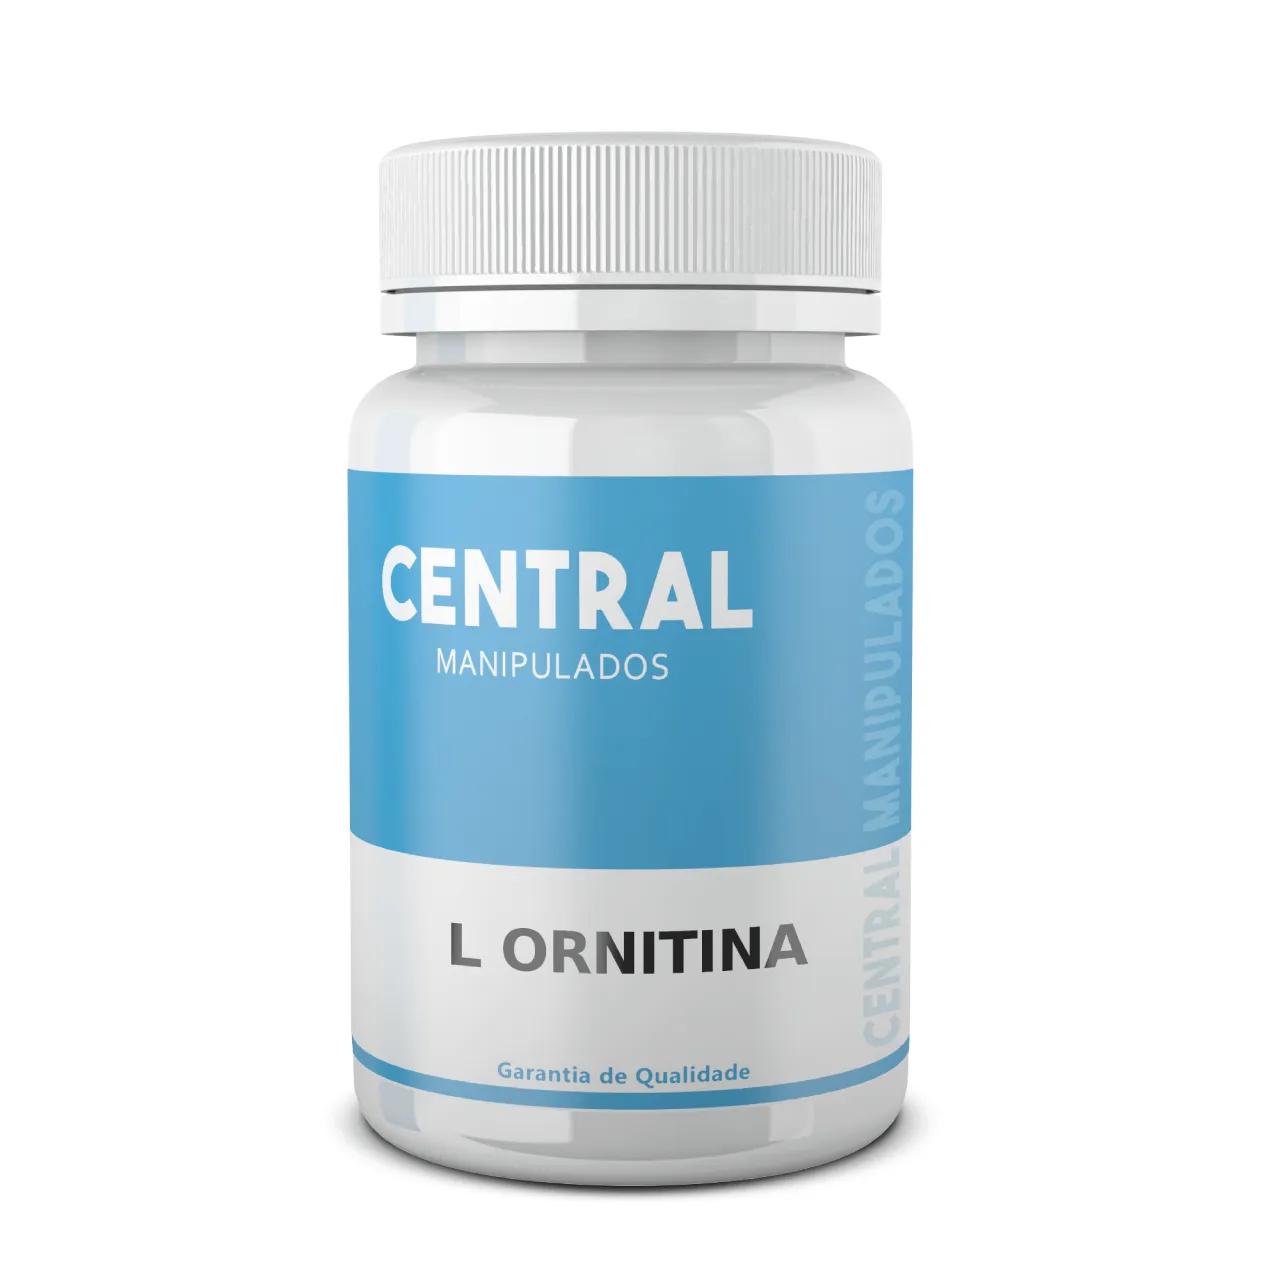 L-Ornitina 300mg - 60 cápsulas - Estimula produção do hormônio do crescimento, incrementa a massa muscular, diminui tecido gorduroso, ativa imunidade e a função hepática